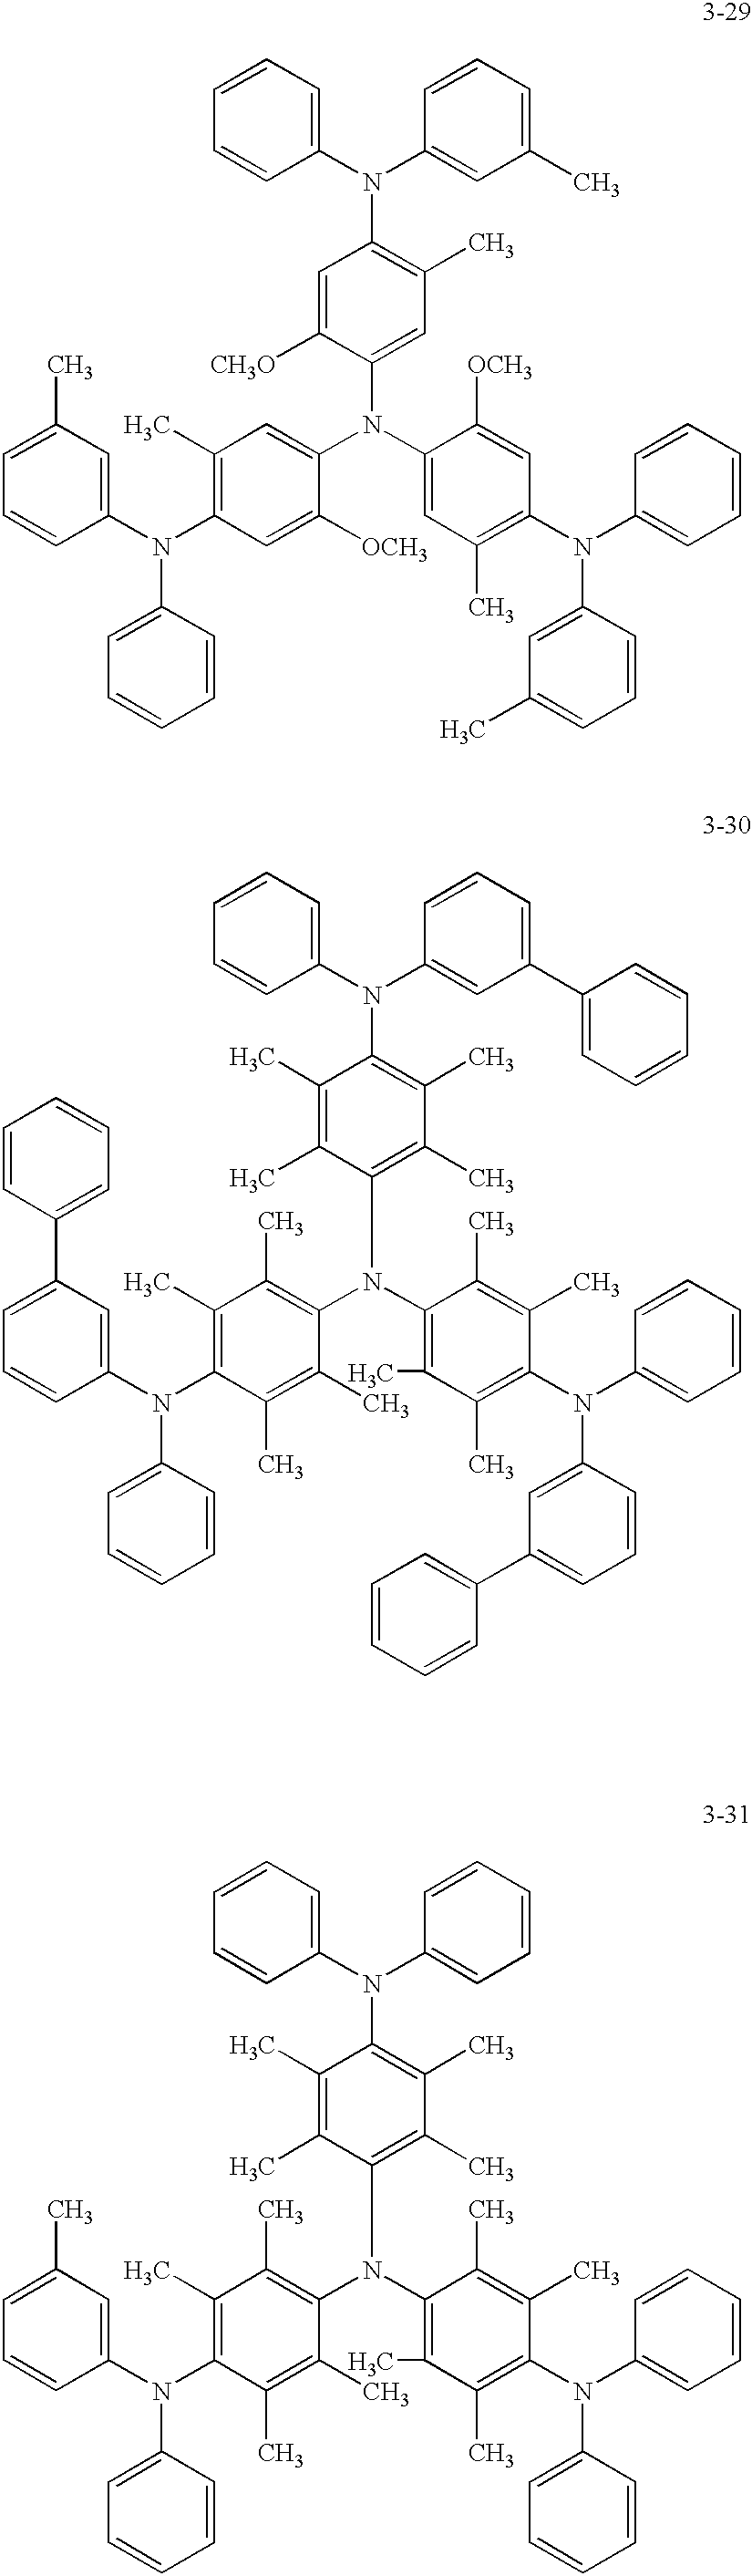 Figure US06750608-20040615-C00015